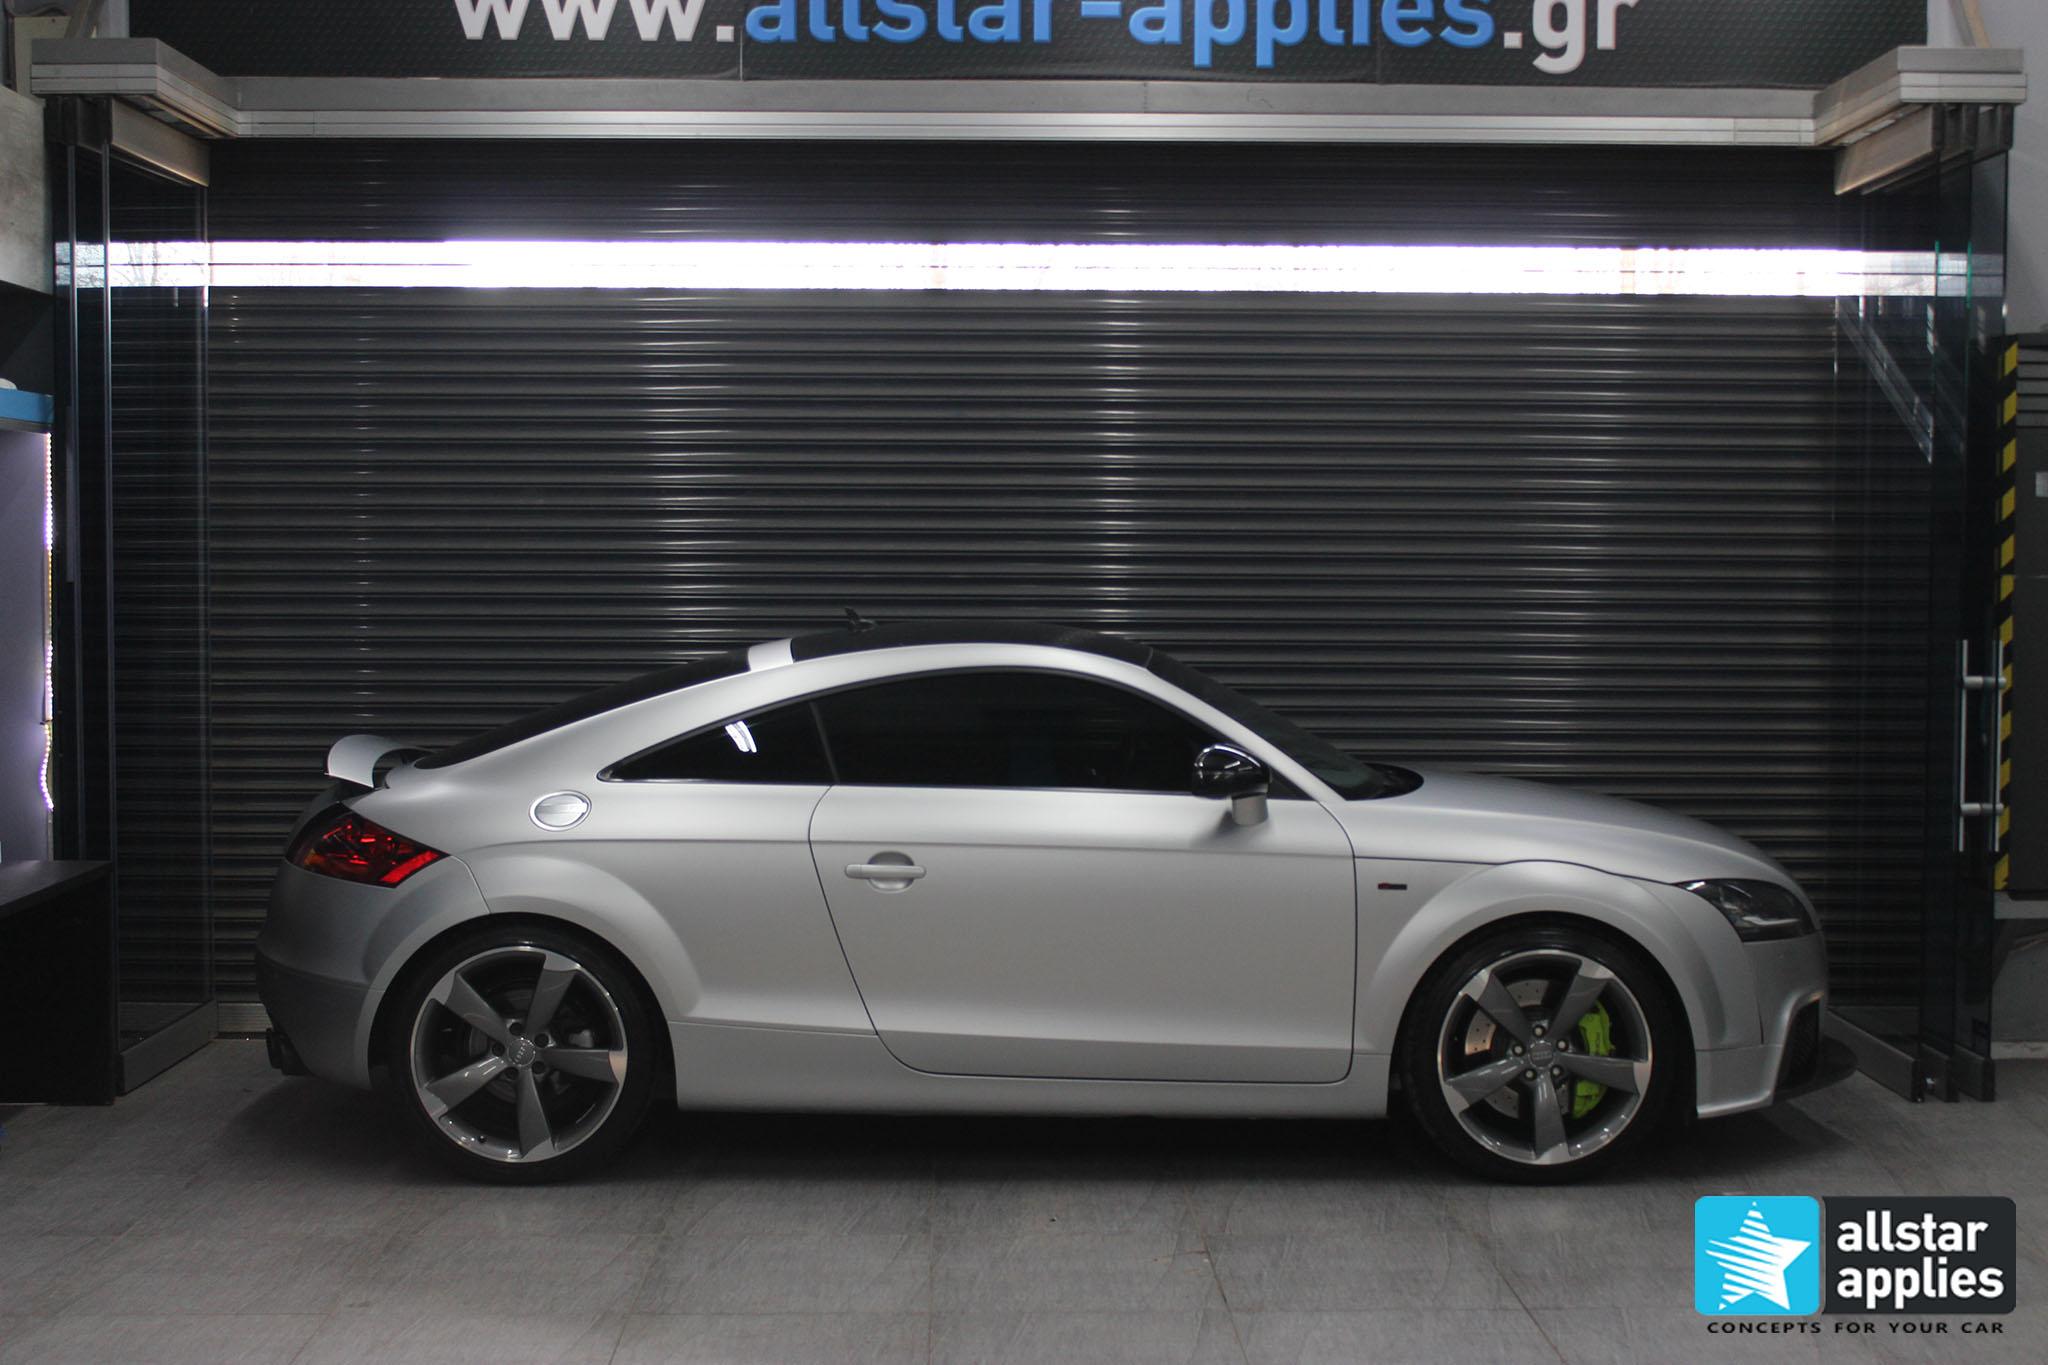 Audi TT - Satin Aluminium (1)